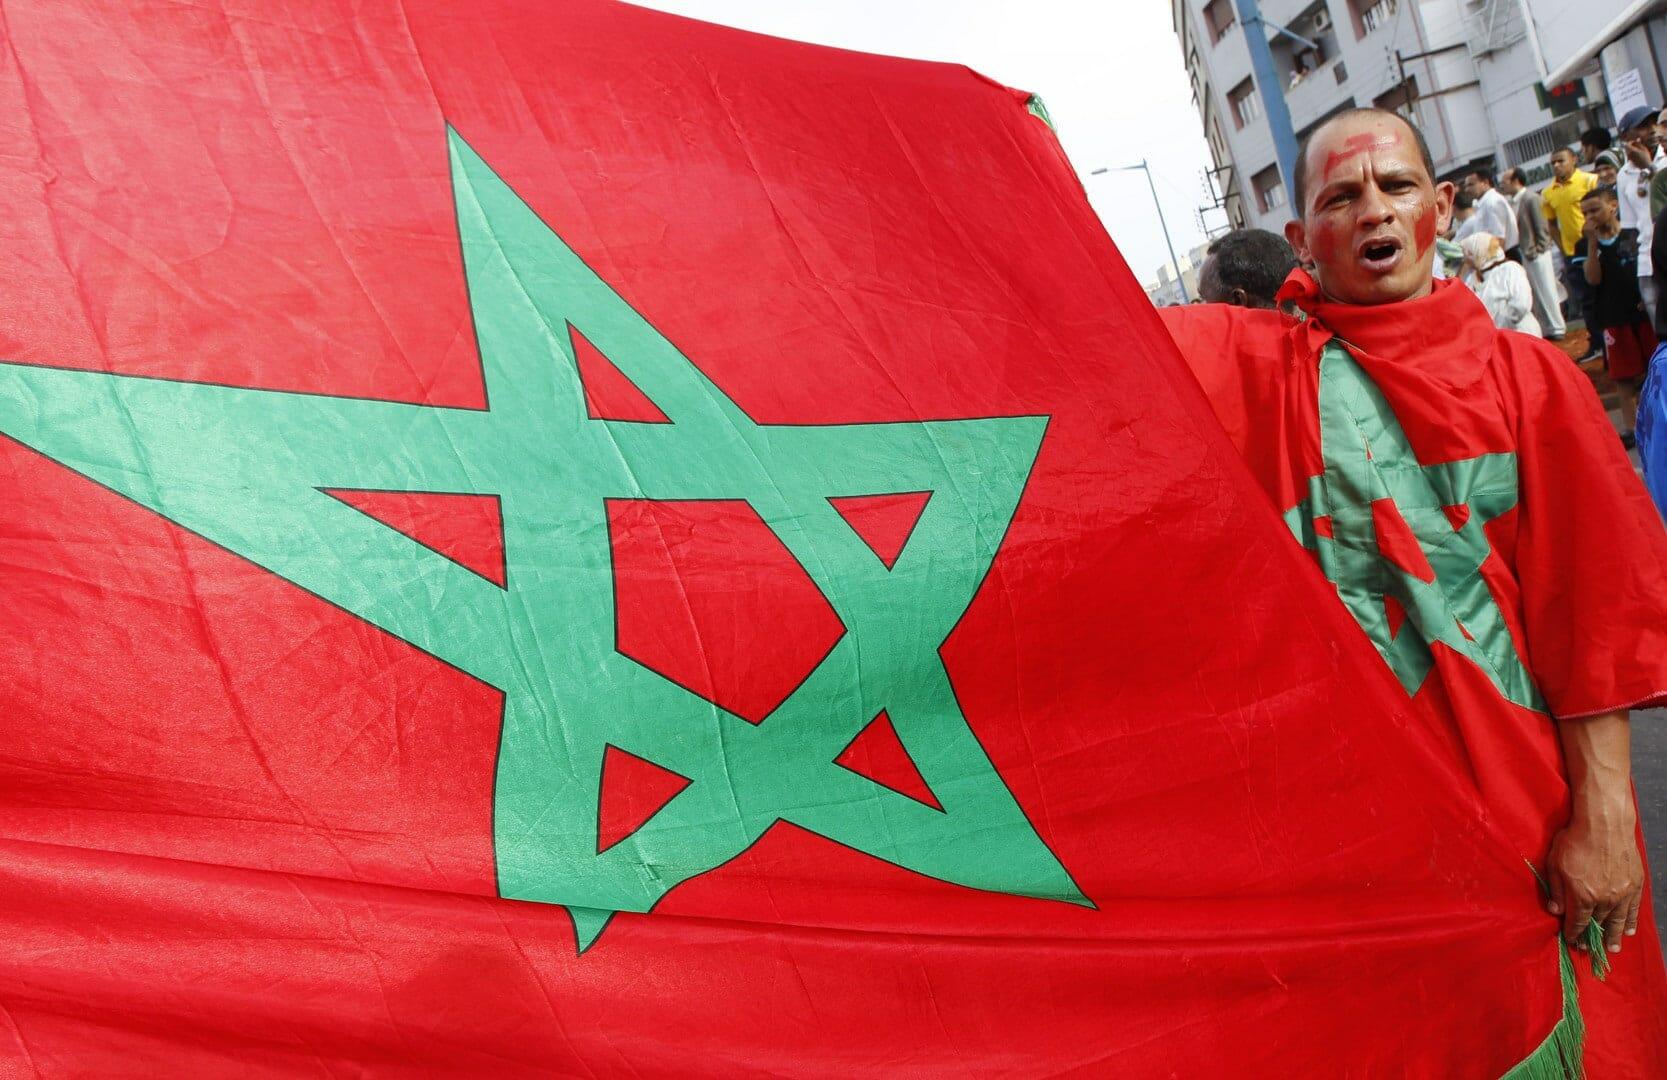 الذئب المغربي يخترق مواقع التلفزة التونسية